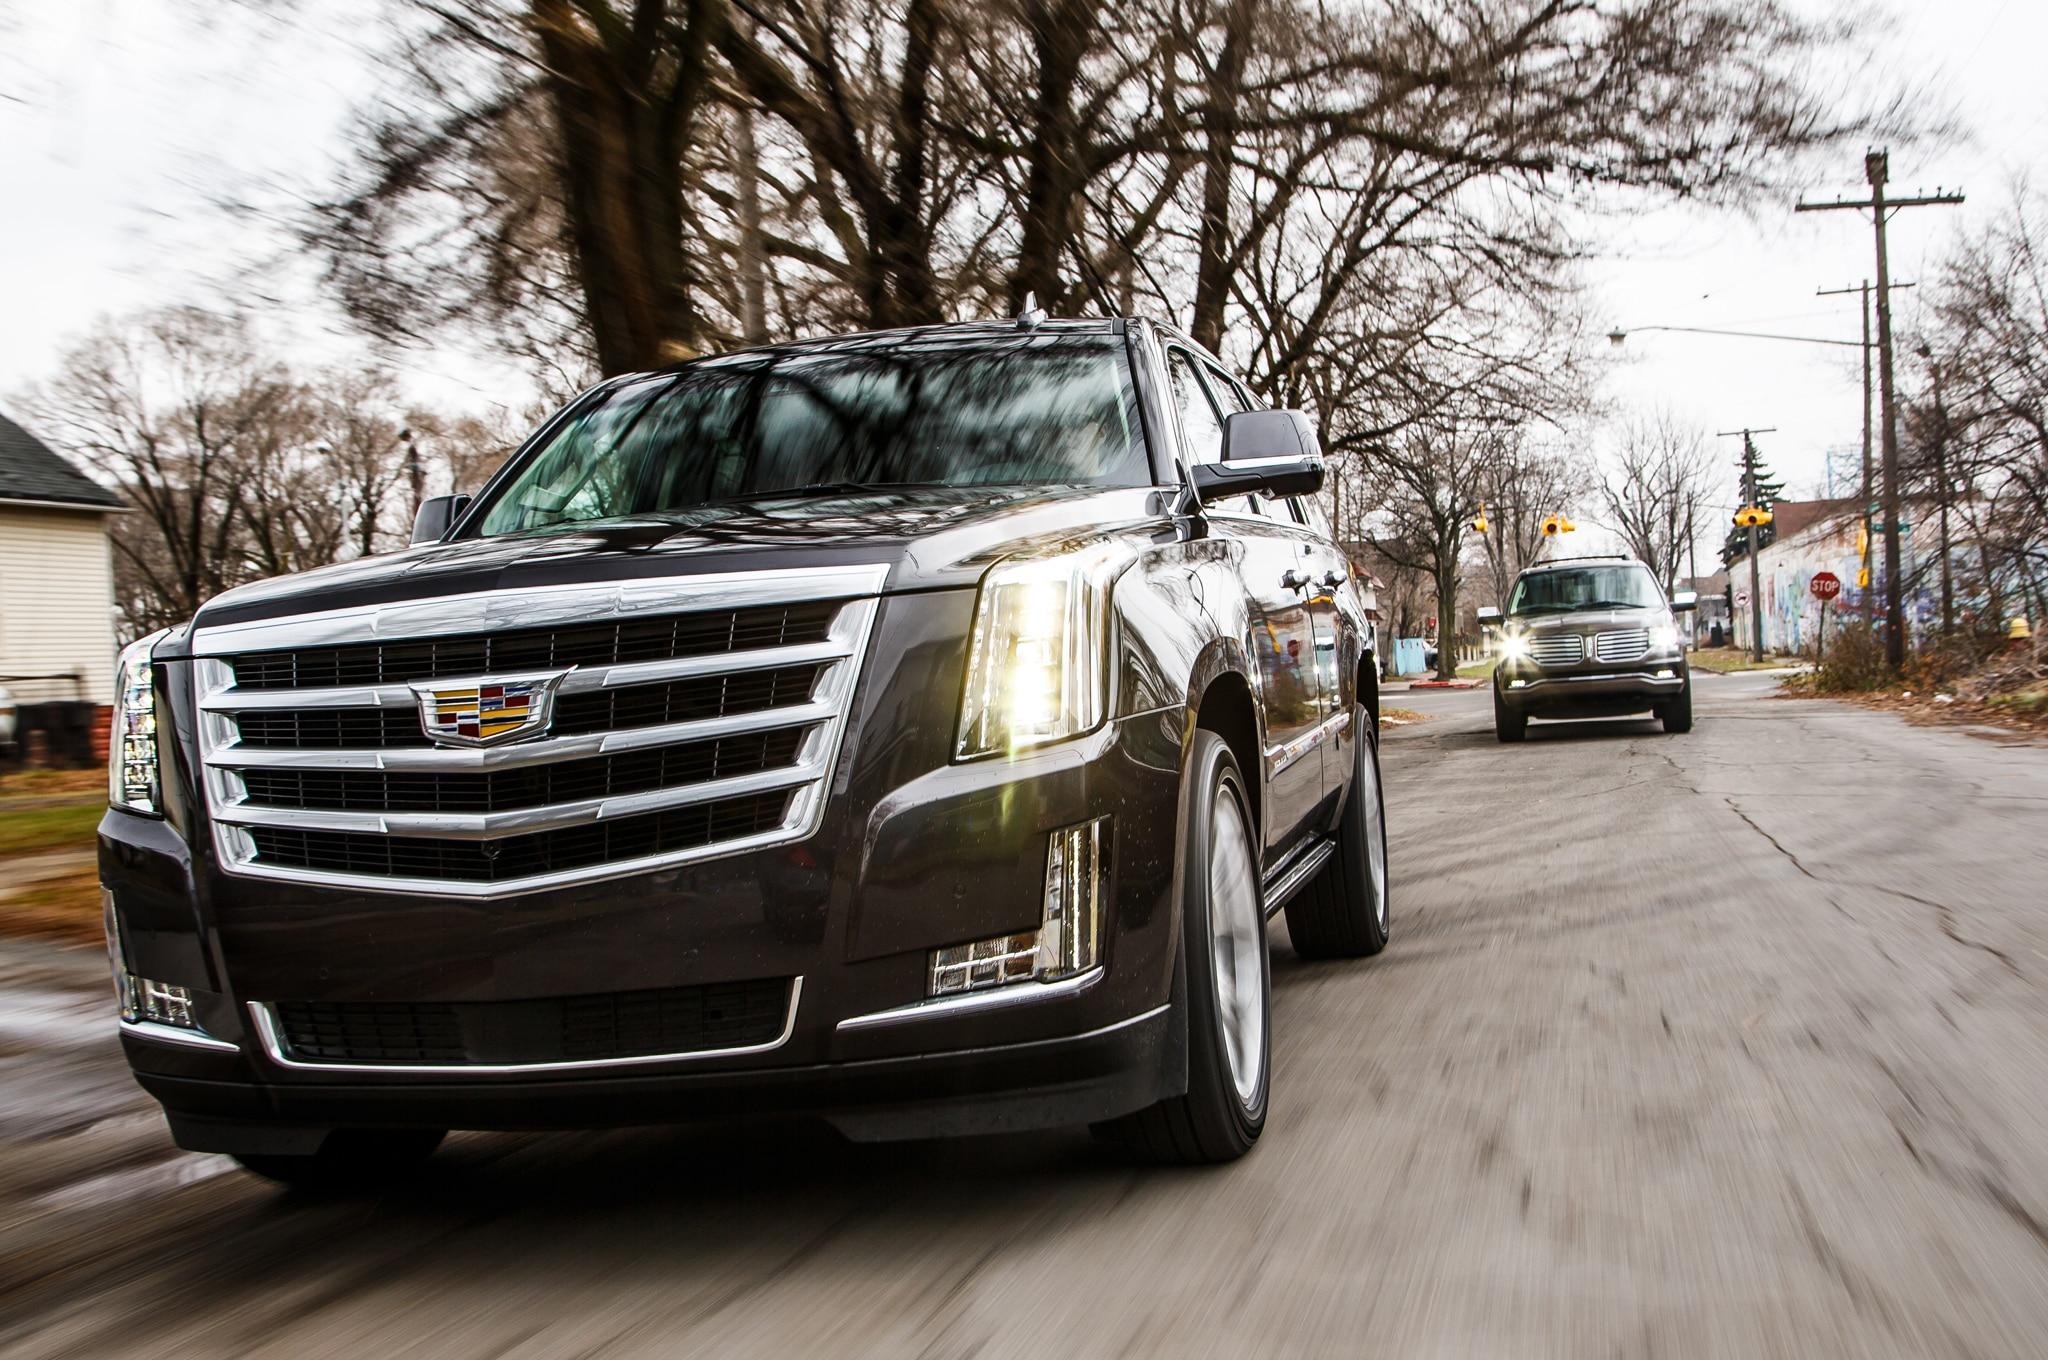 2015 Cadillac Escalade vs 2015 Lincoln Navigator Comparison